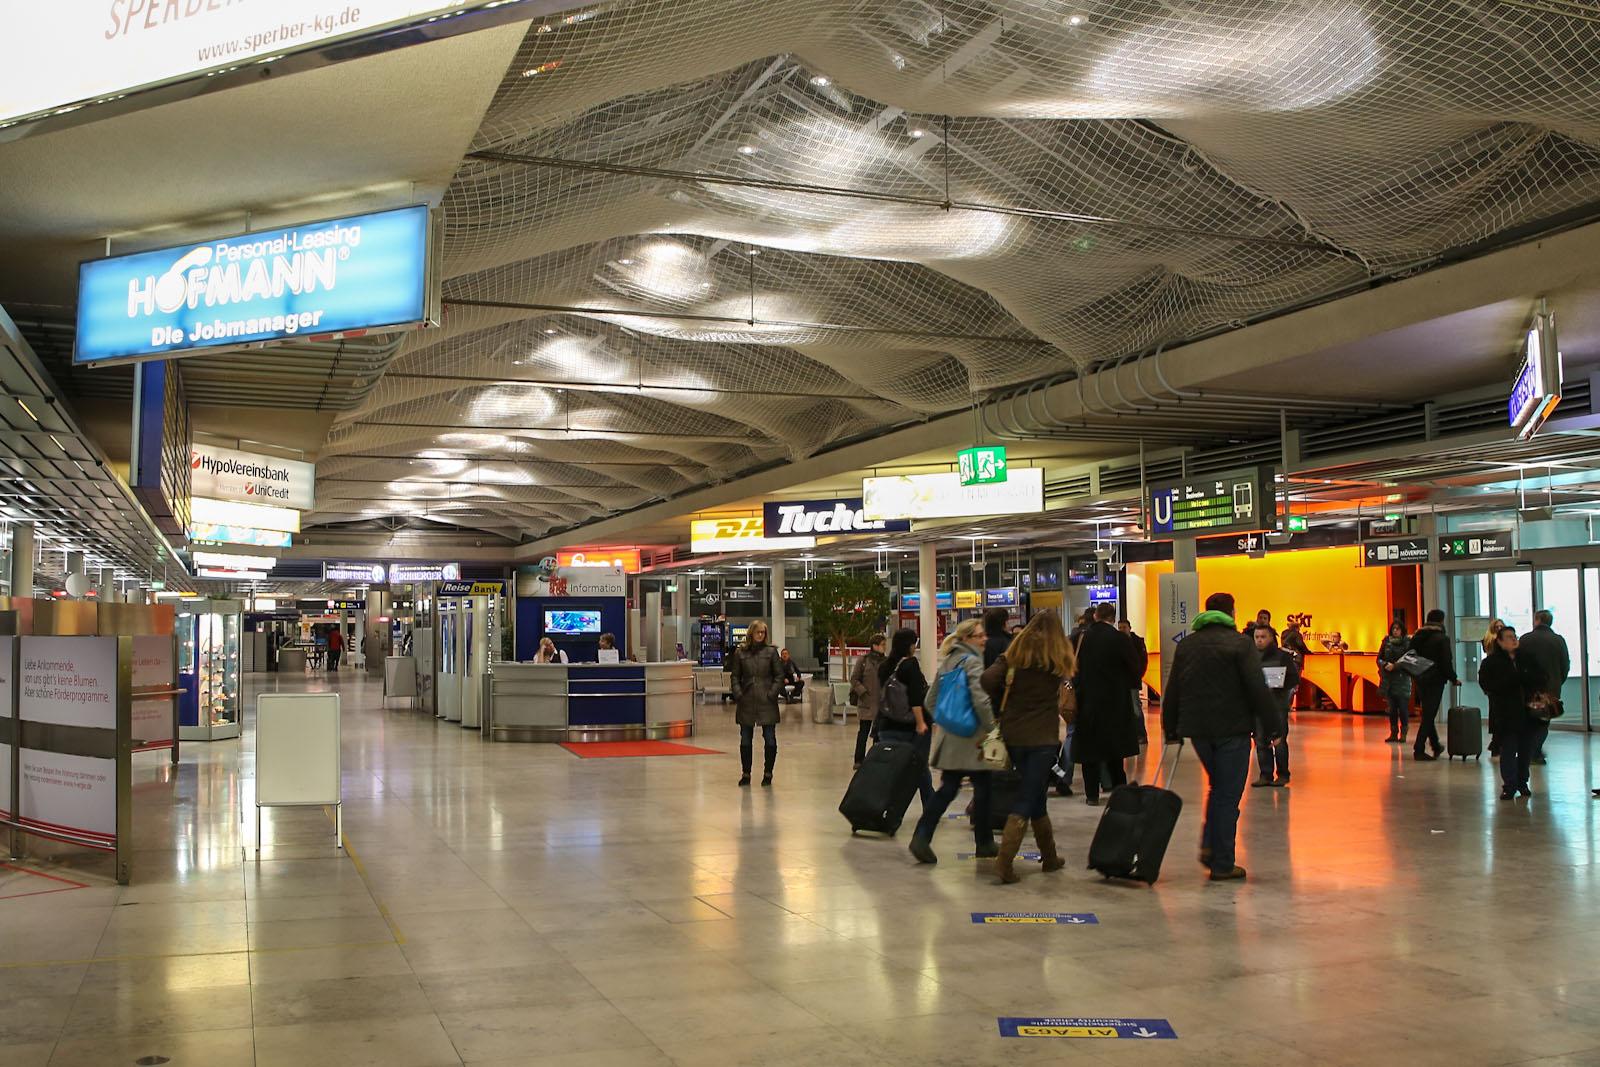 Зал прилета в аэропорту Нюрнберг